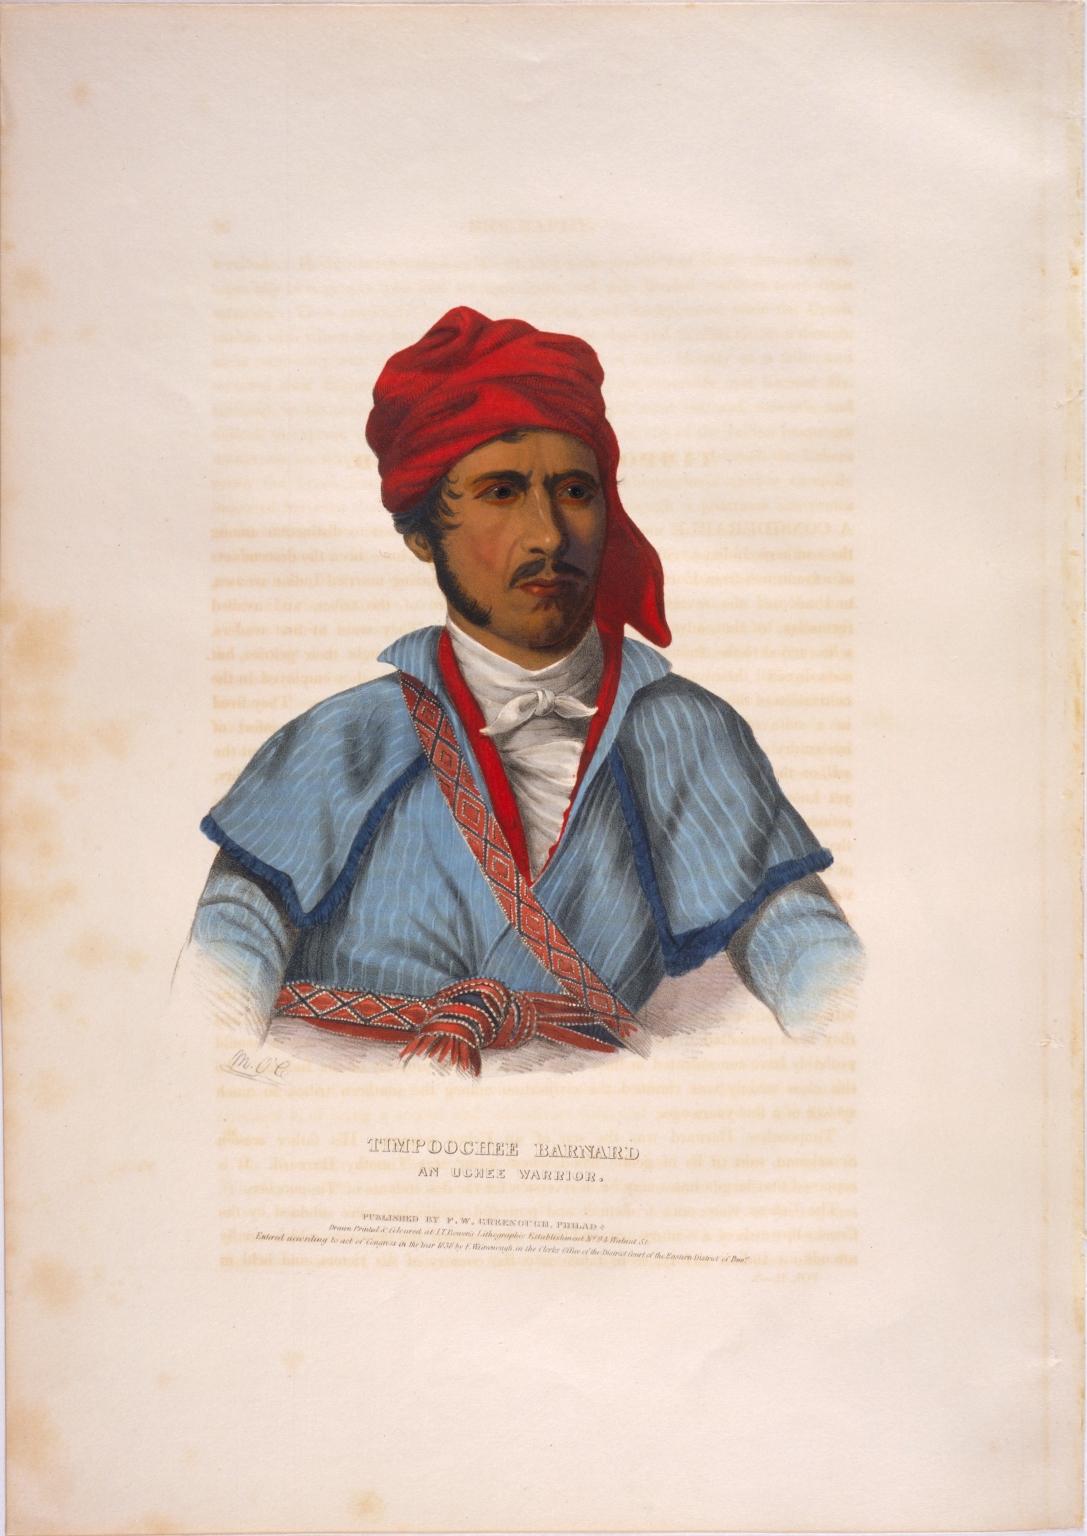 Timpoochee Barnard, an Uchee warrior